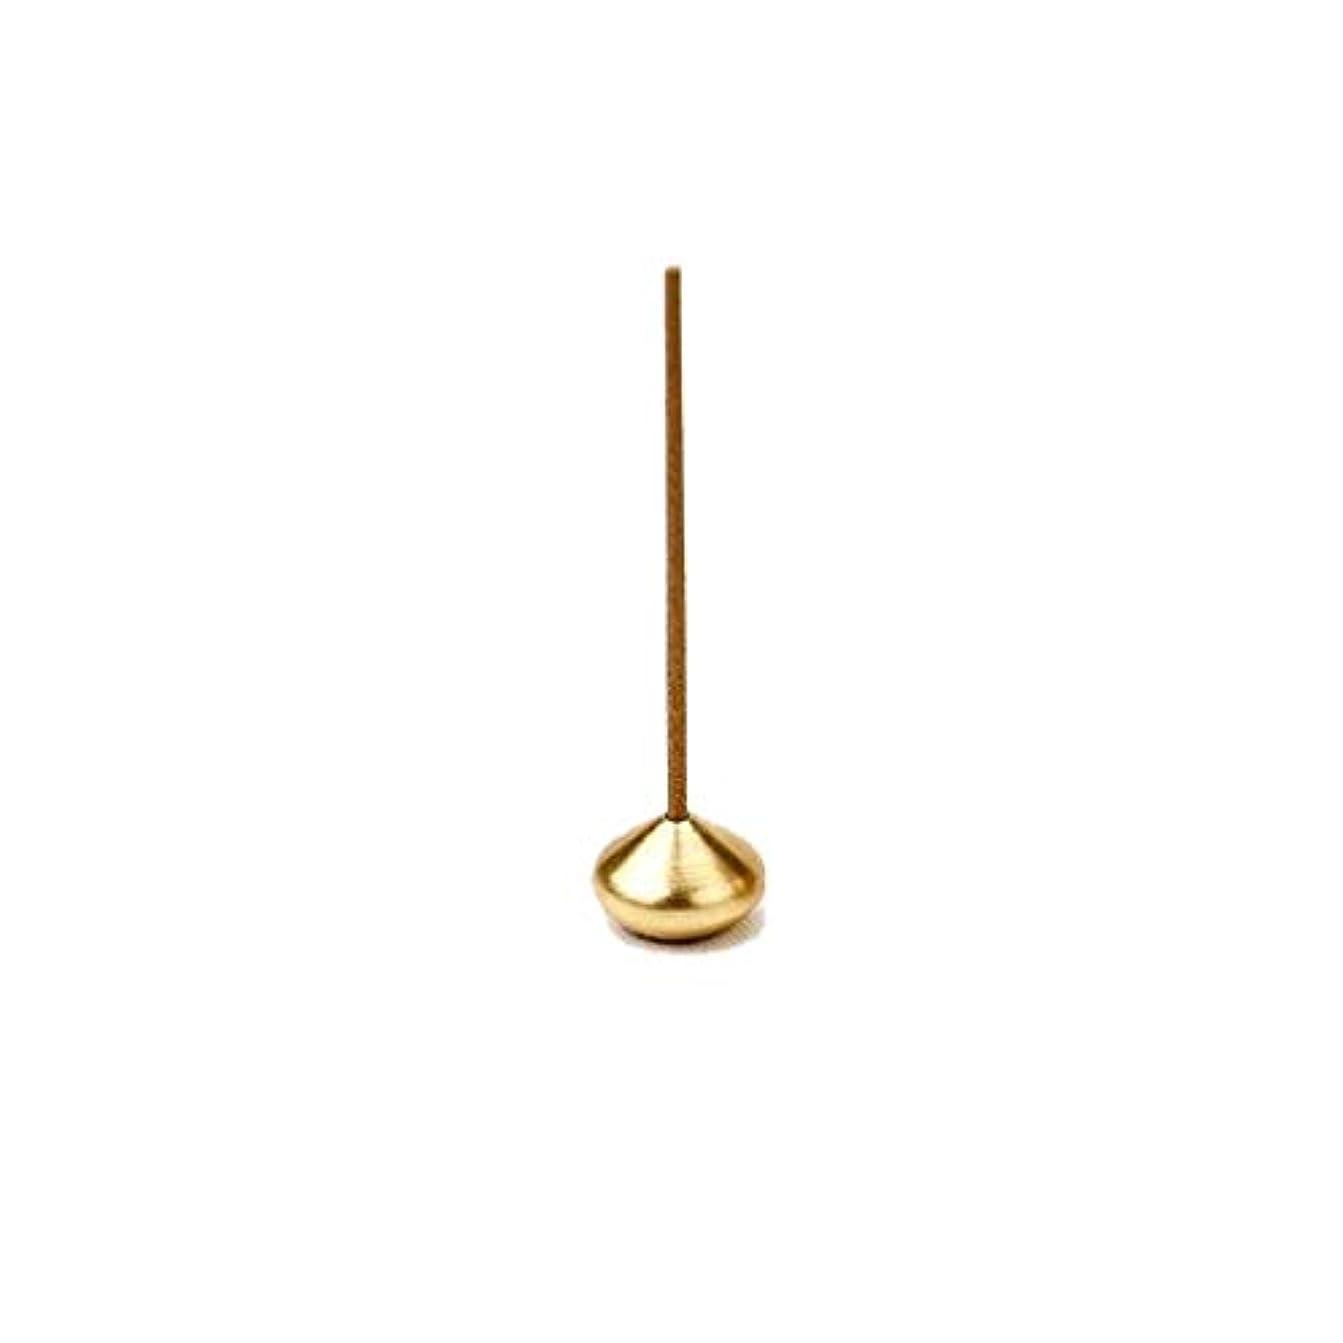 マーキー離れて貫入銅香炉ラウンドひょうたん型香スティックコイルボトルバーナーホルダー多孔性香ホルダーホームフレグランス (Color : B)